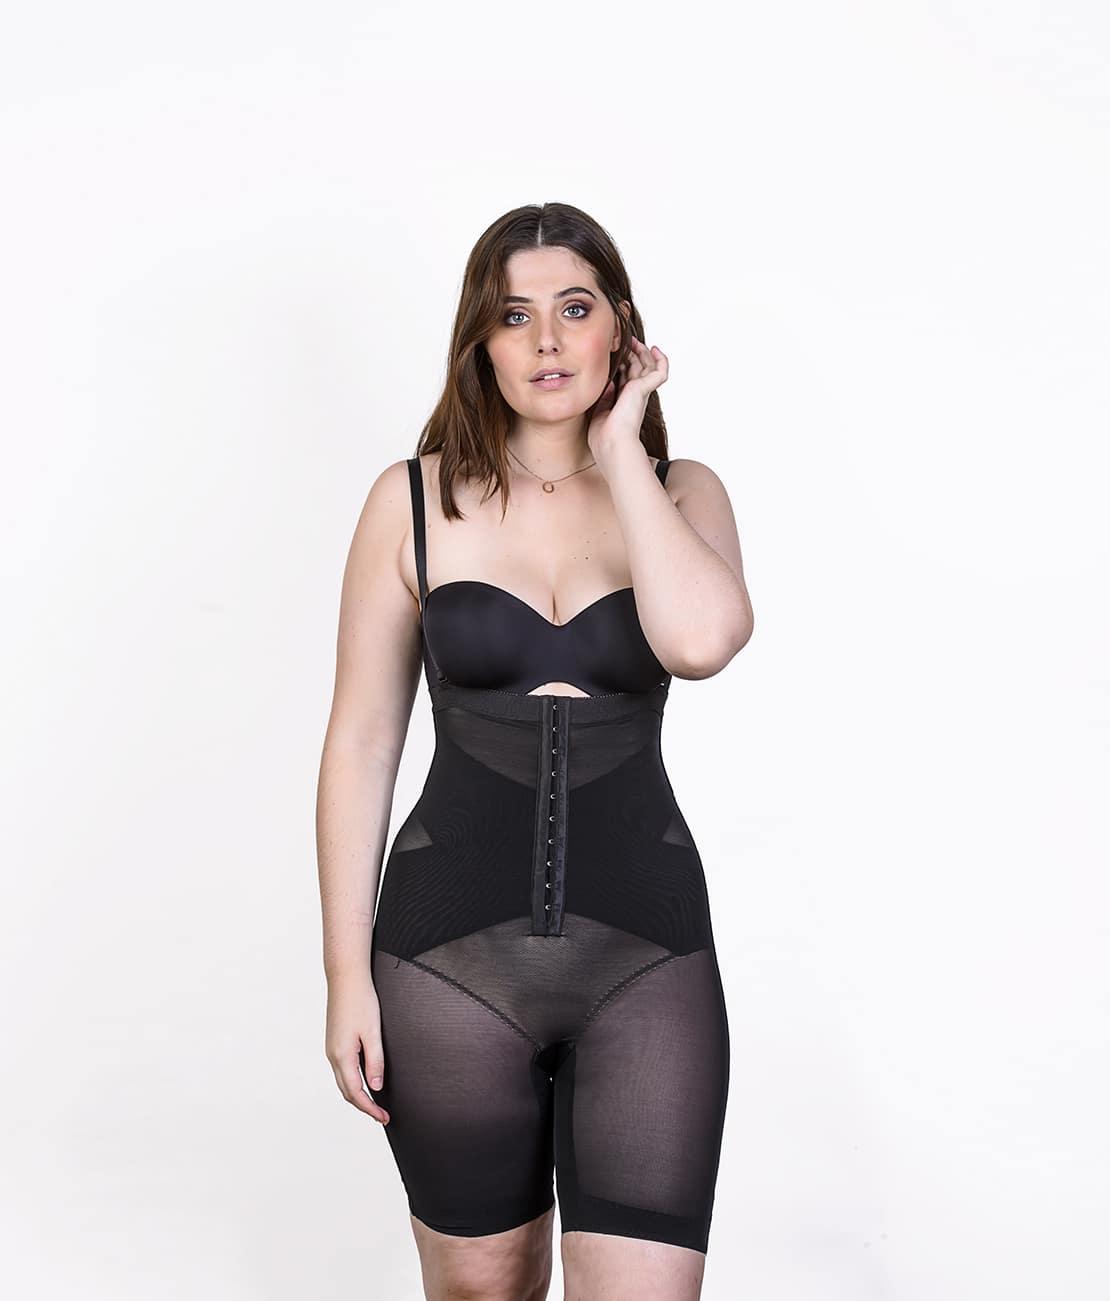 Le Panty Noir Transparent Face Main Visage